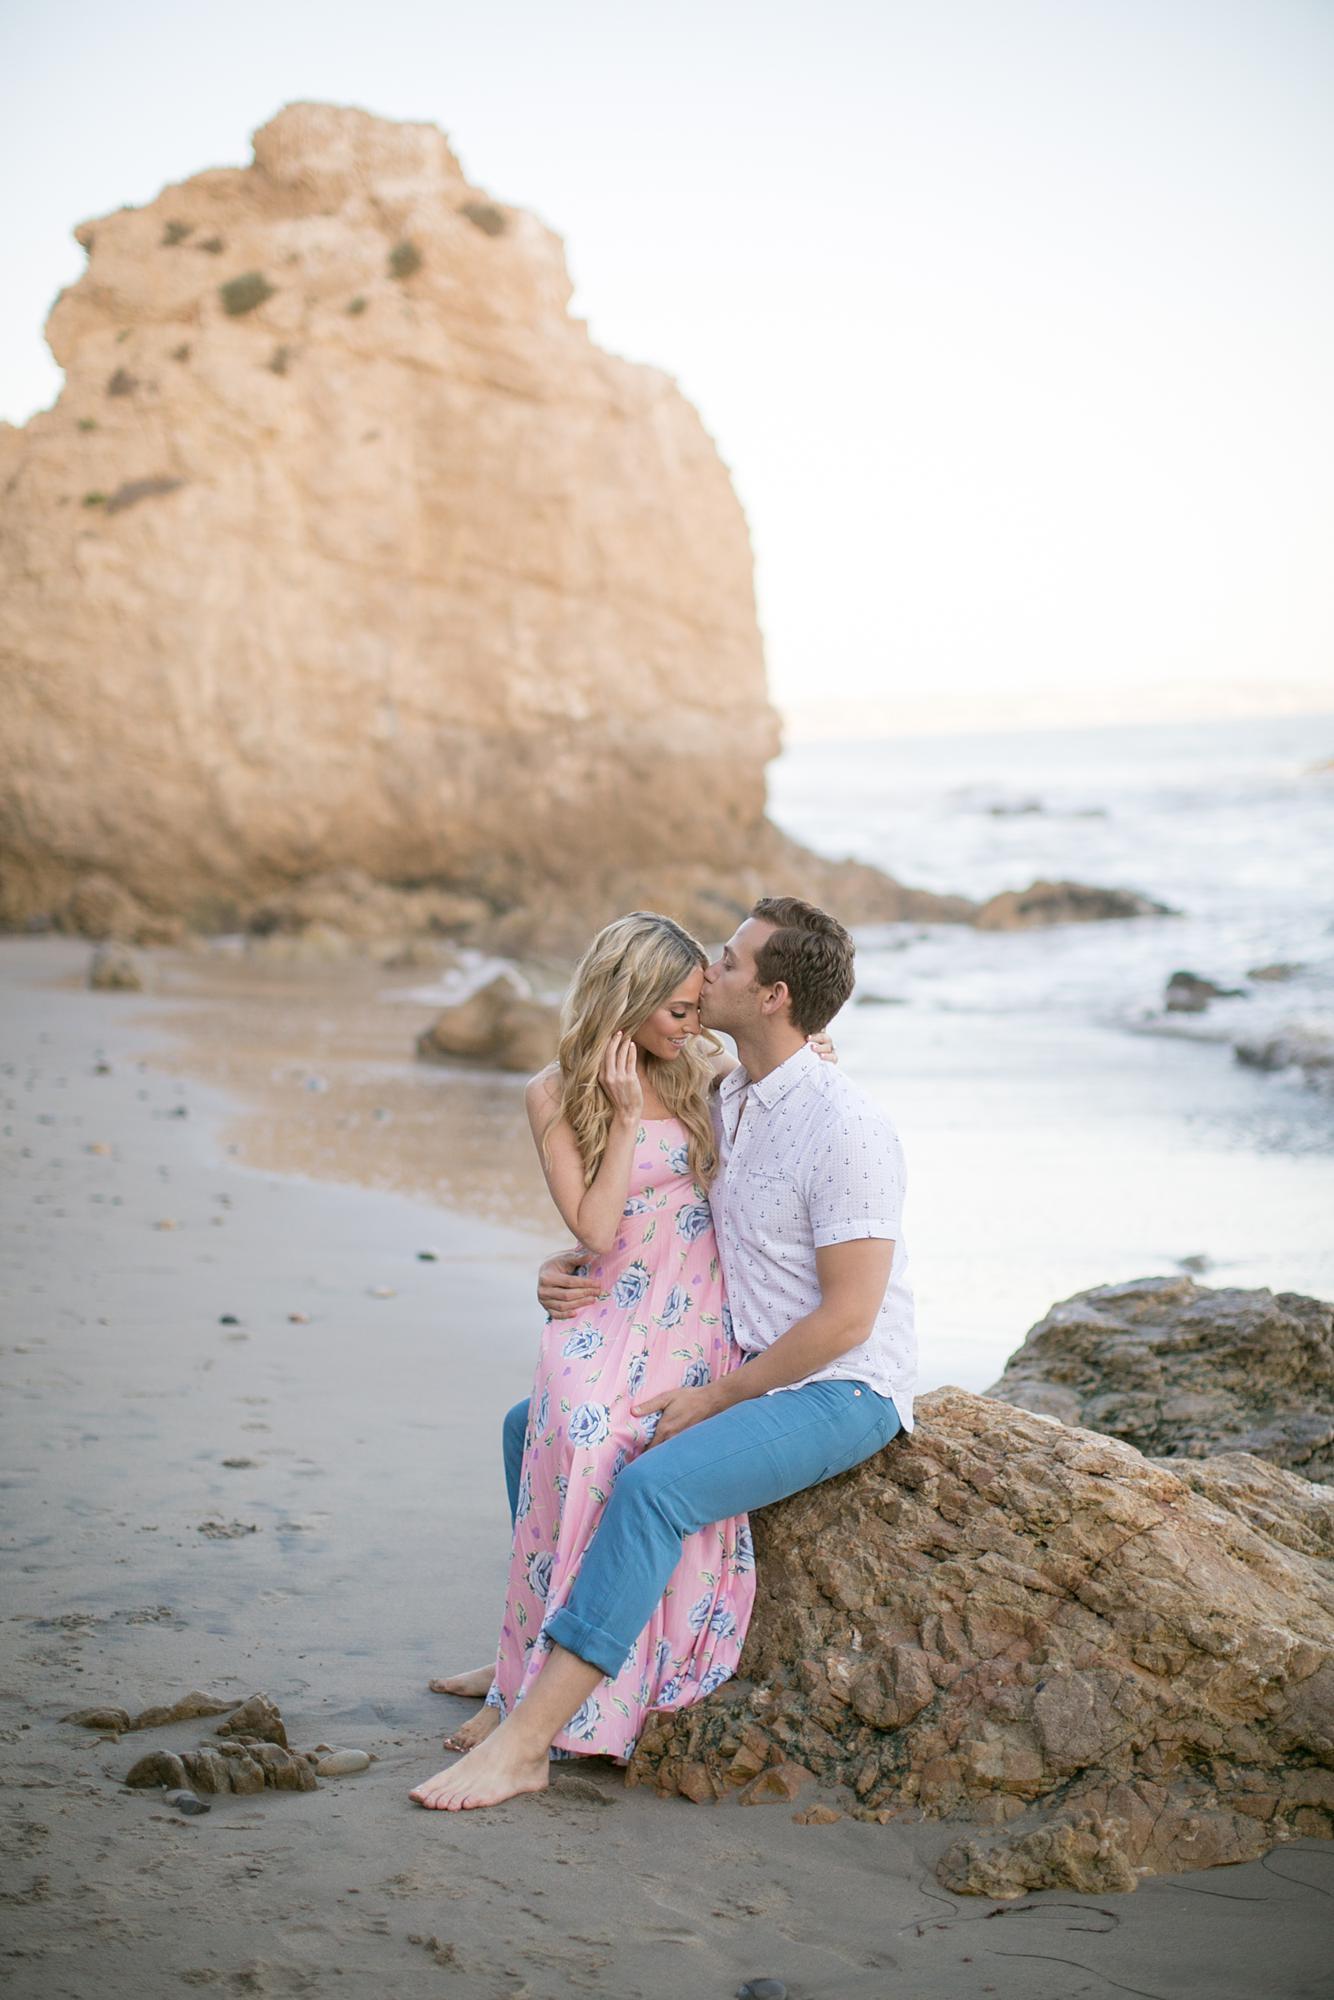 El Matador Beach Engagement | Miki & Sonja Photography | mikiandsonja.com